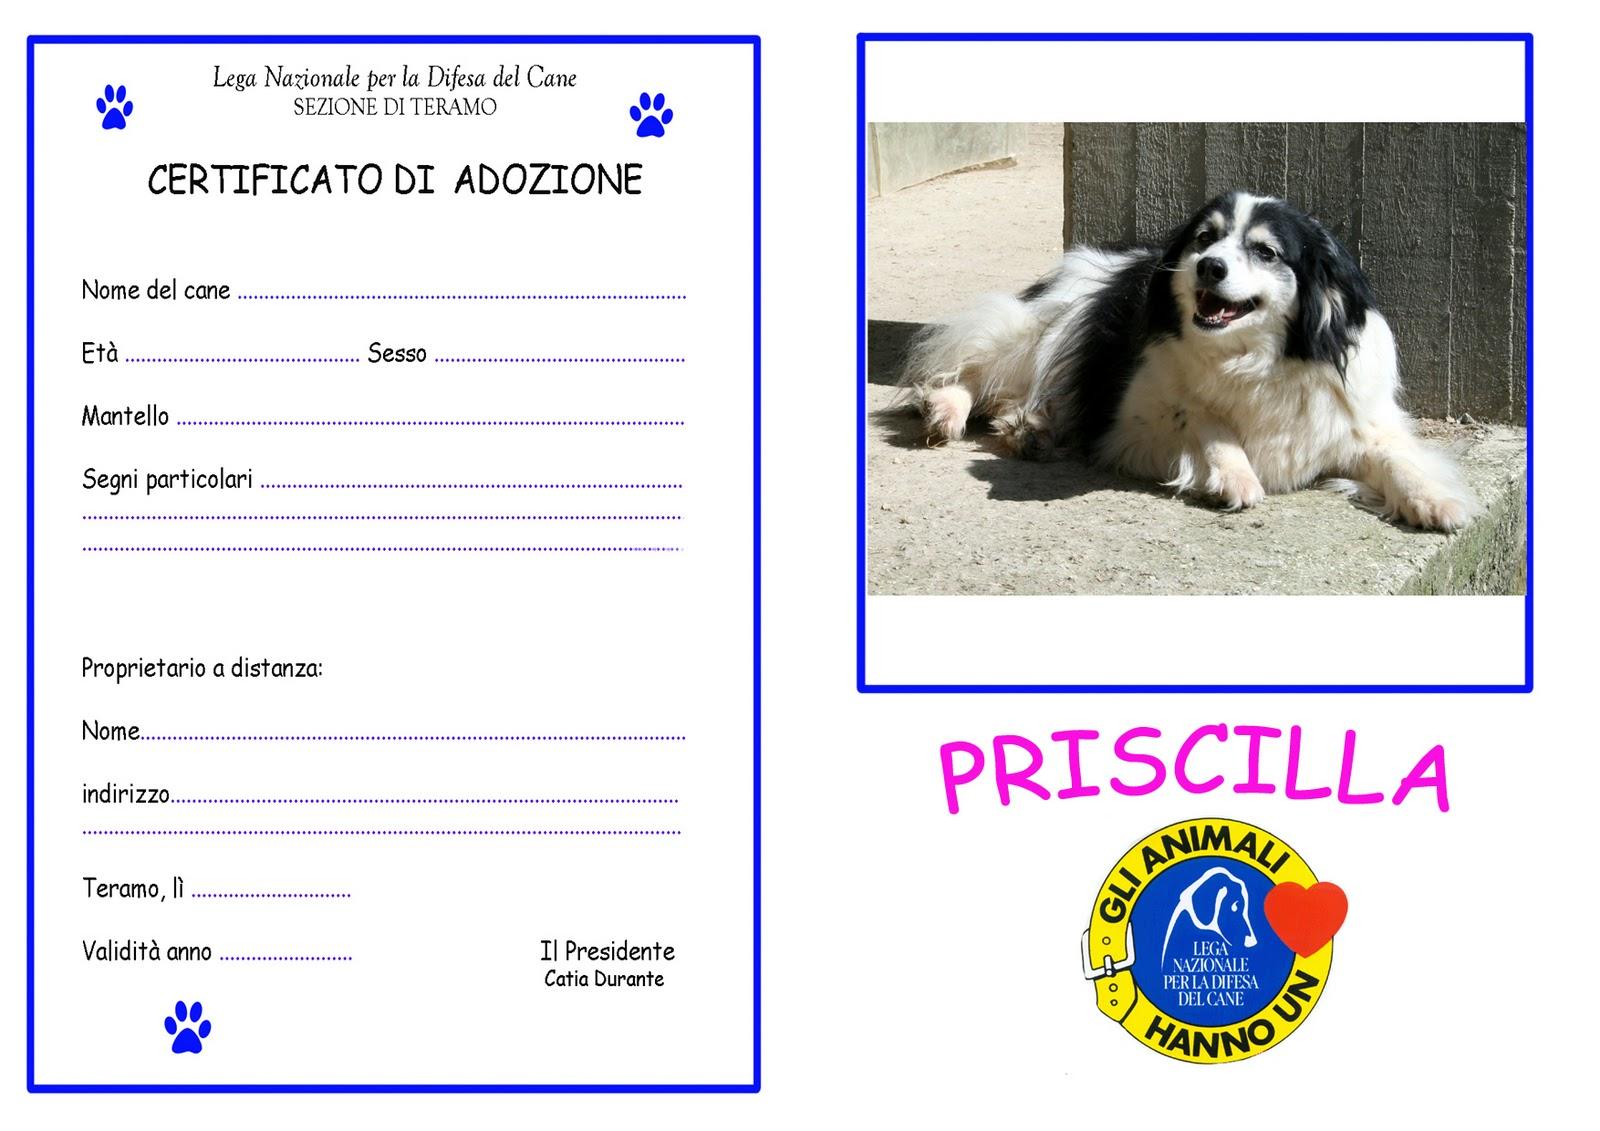 lega del cane teramo/ bellante: adozioni a distanza